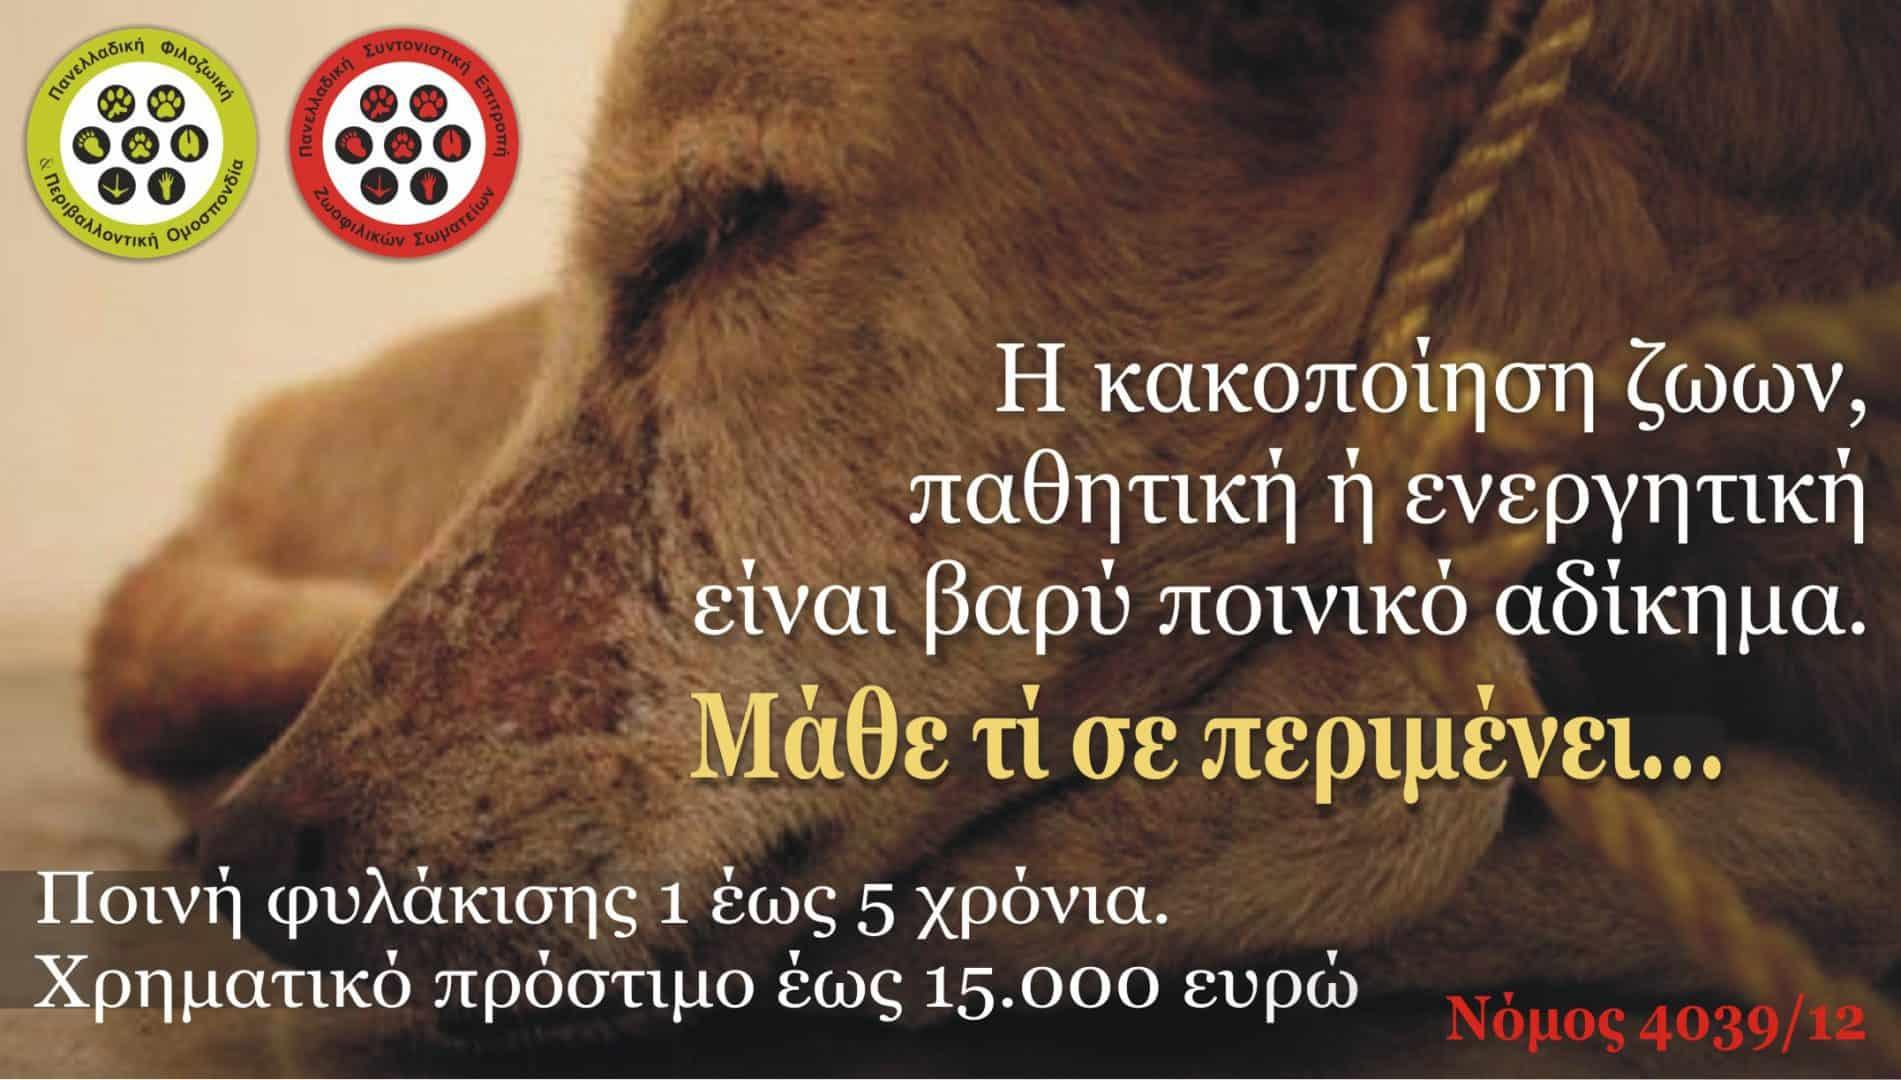 Άνευ προηγουμένου η συχνότητα φρικτών εγκλημάτων κατά των ζώων: ανοιχτή επιστολή προς το Υπουργείο Δικαιοσύνης.